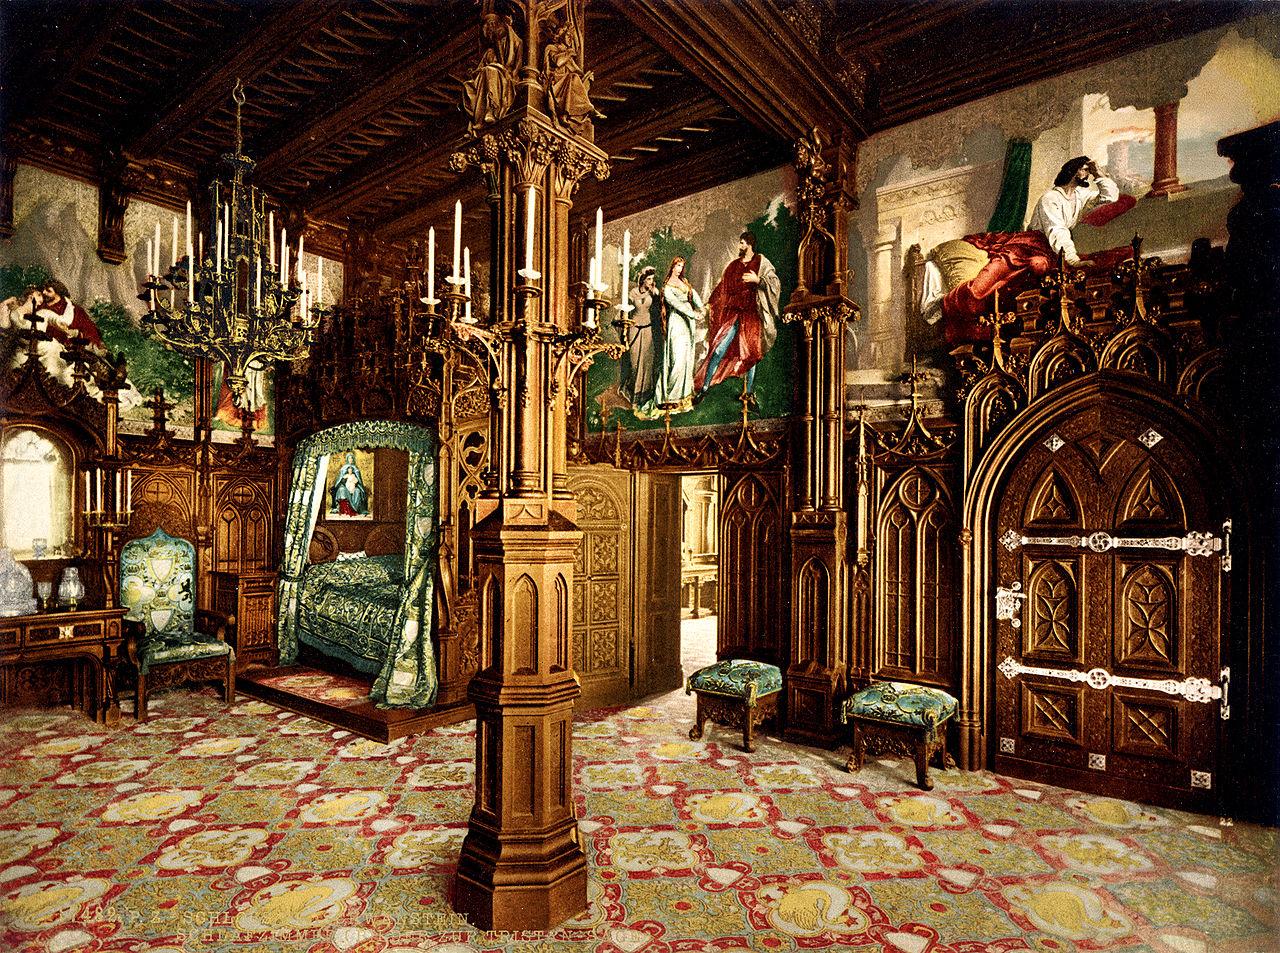 Dormitorio del rey en un fotocromo del siglo XIX